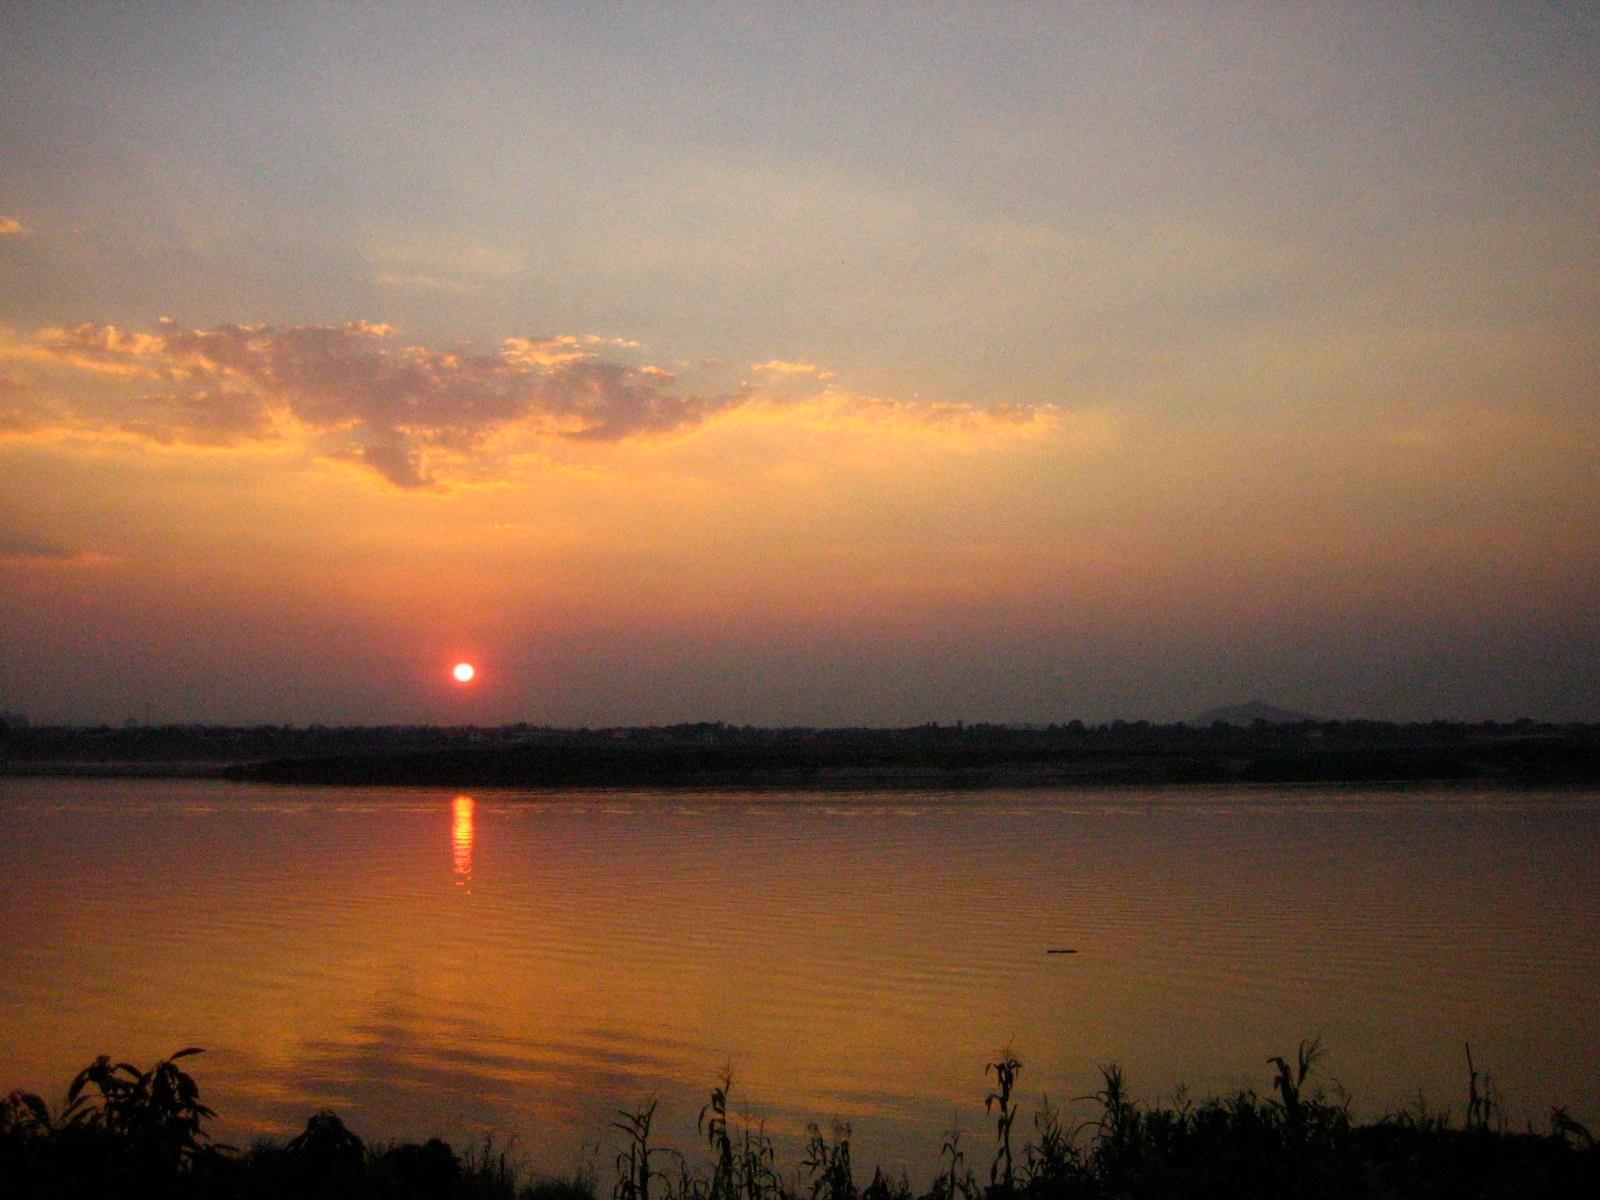 サバナケットでのメコン川に沈む夕日